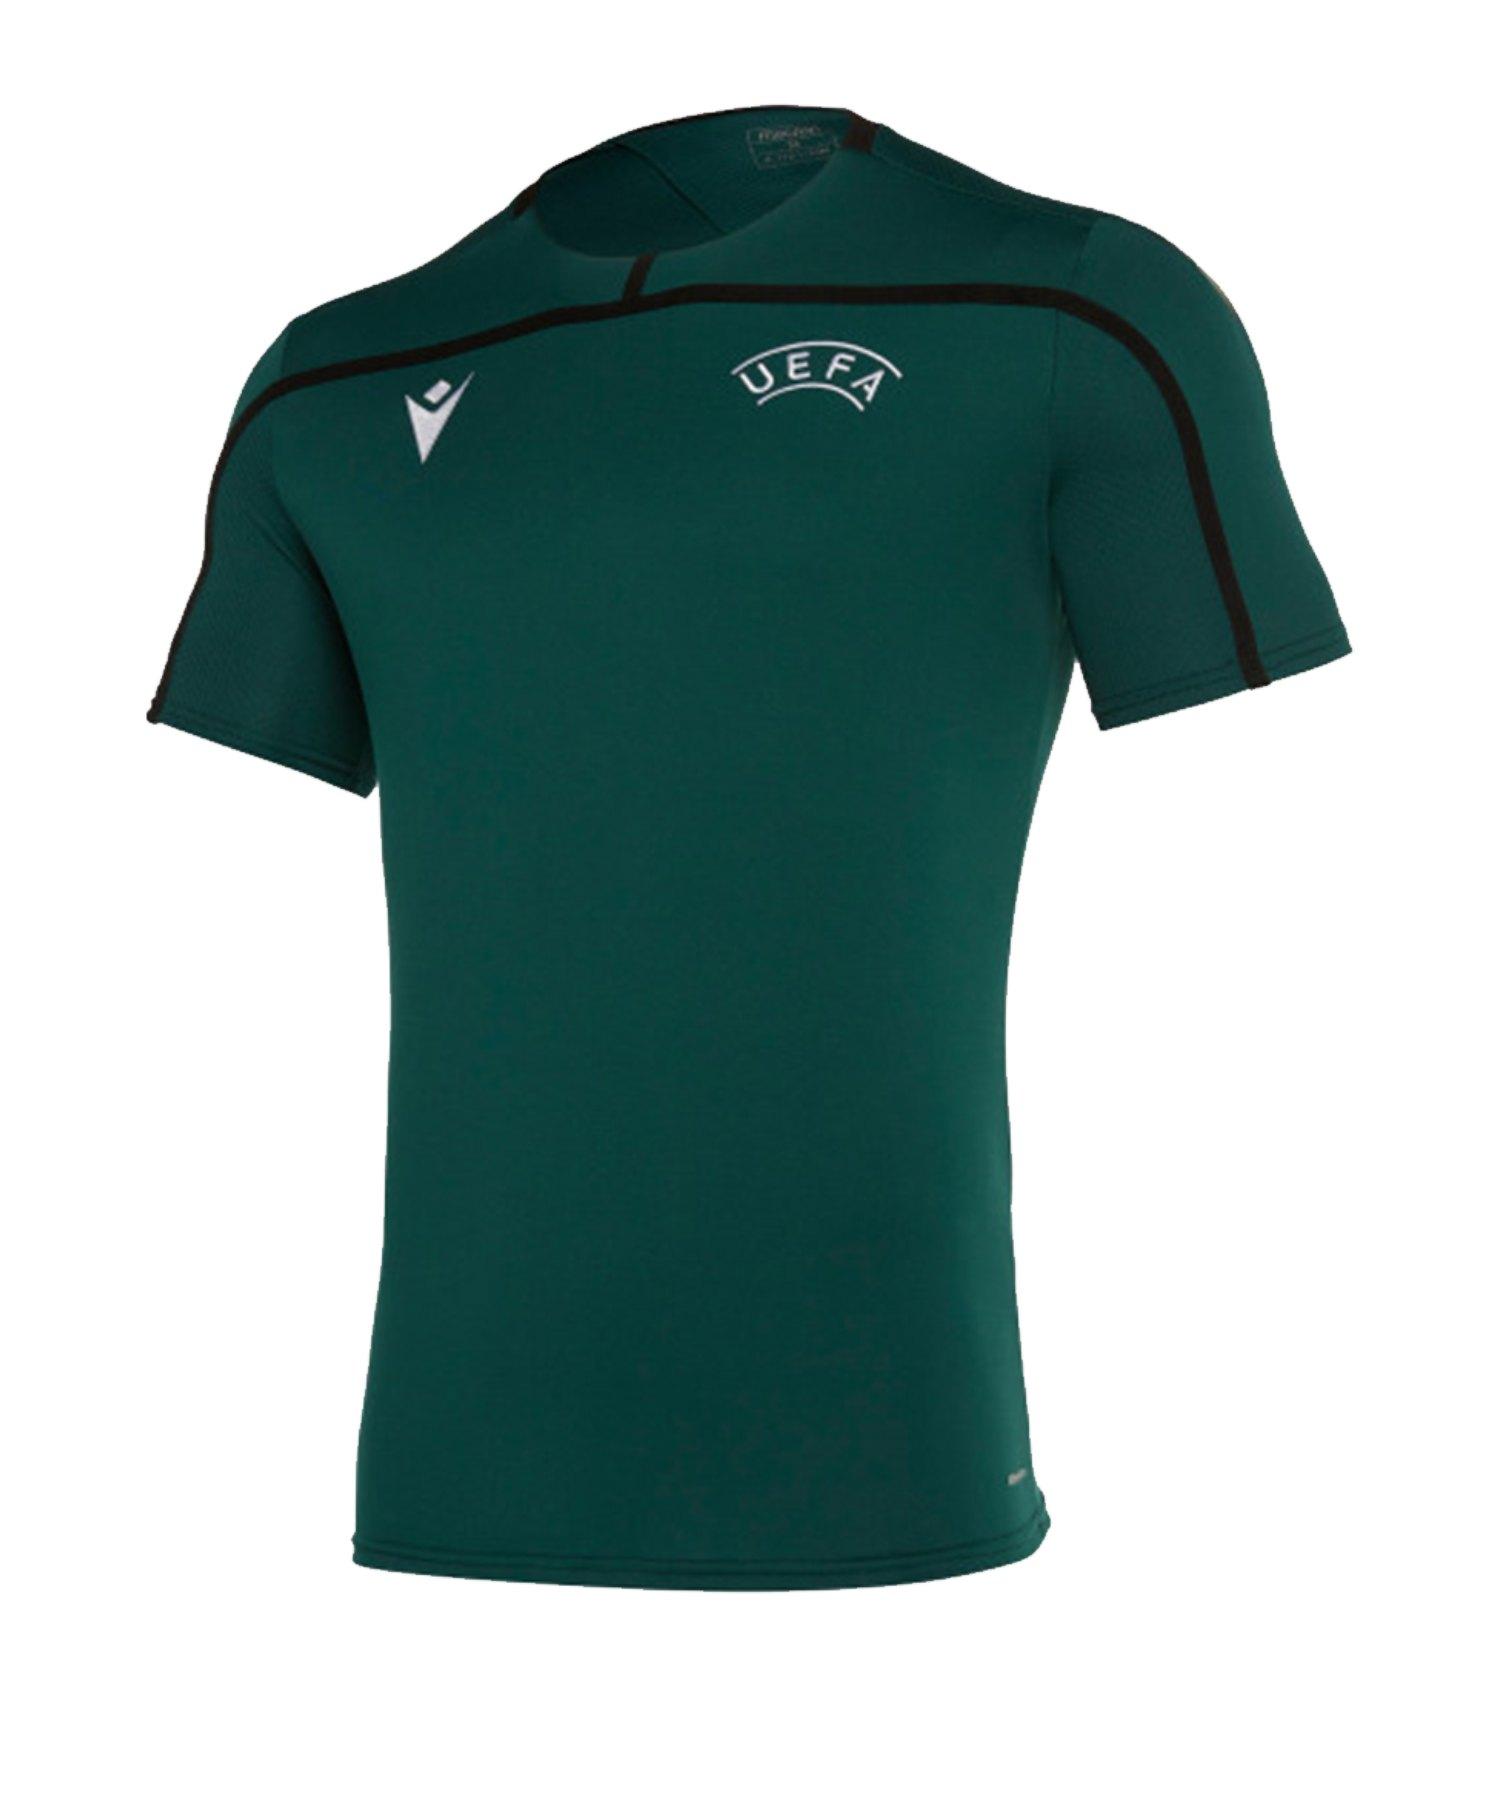 Macron UEFA Offizielles Trainingsshirt Grün - gruen